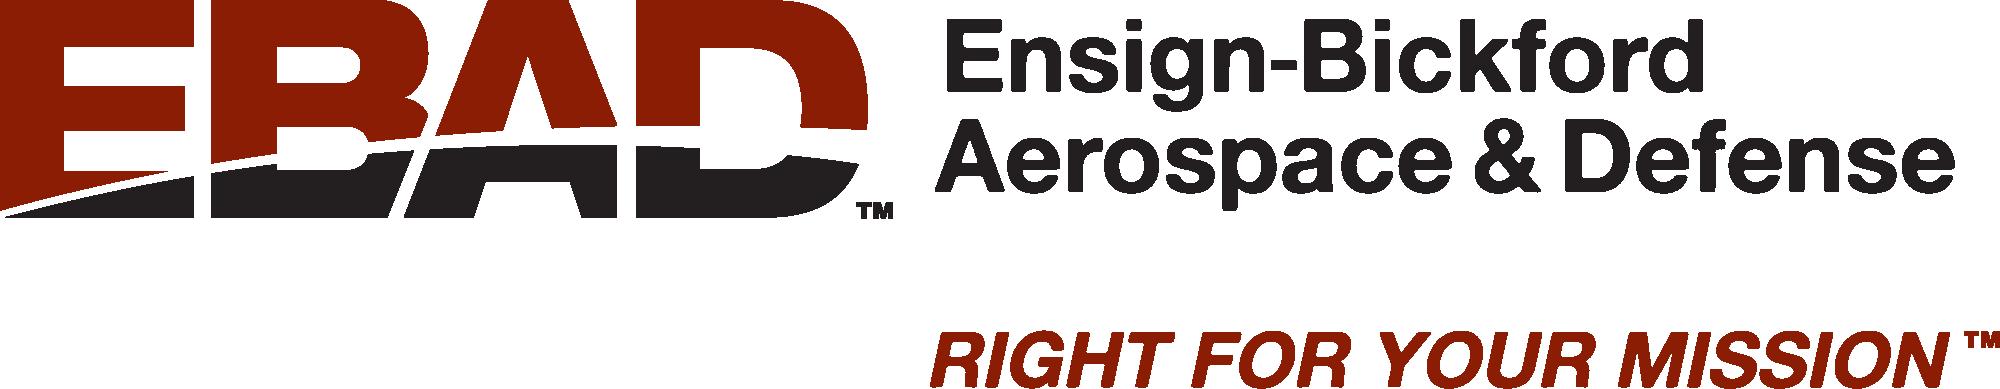 Ensign-Bickford Aerospace & Defense Company logo